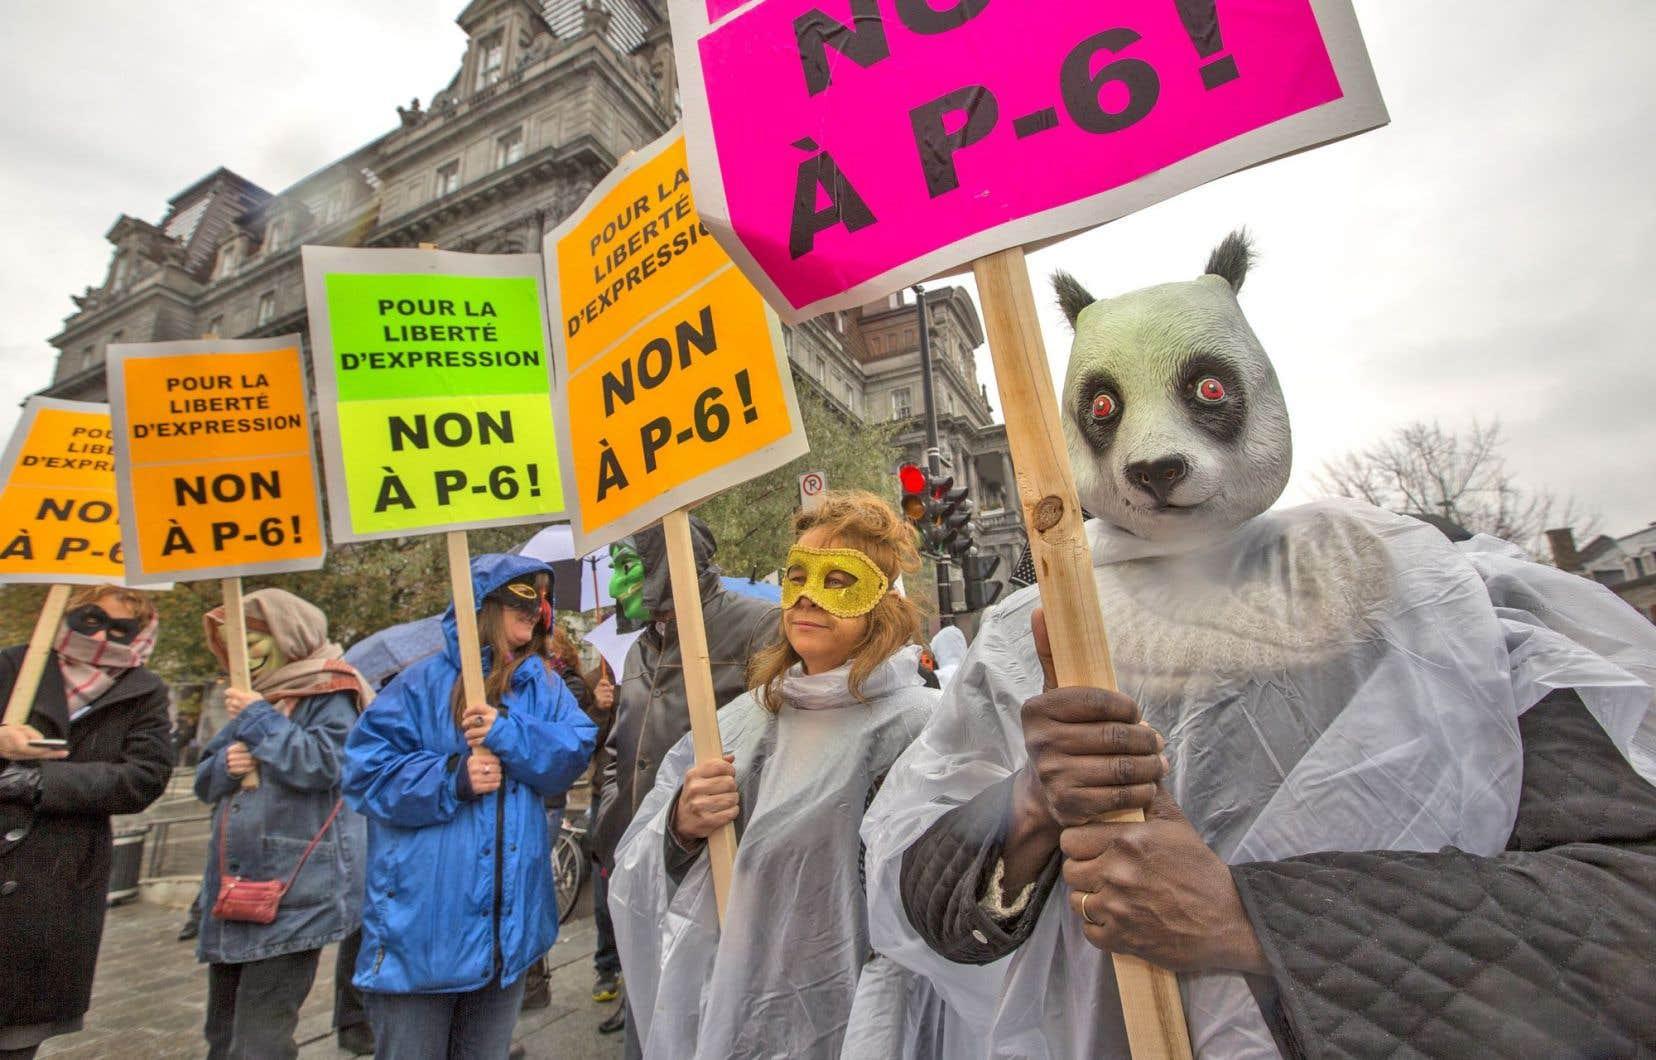 Créé lors de la révolte étudiante, le règlement P-6 interdit de participer à une manifestation le visage camouflé et oblige la divulgation de l'itinéraire à la police.